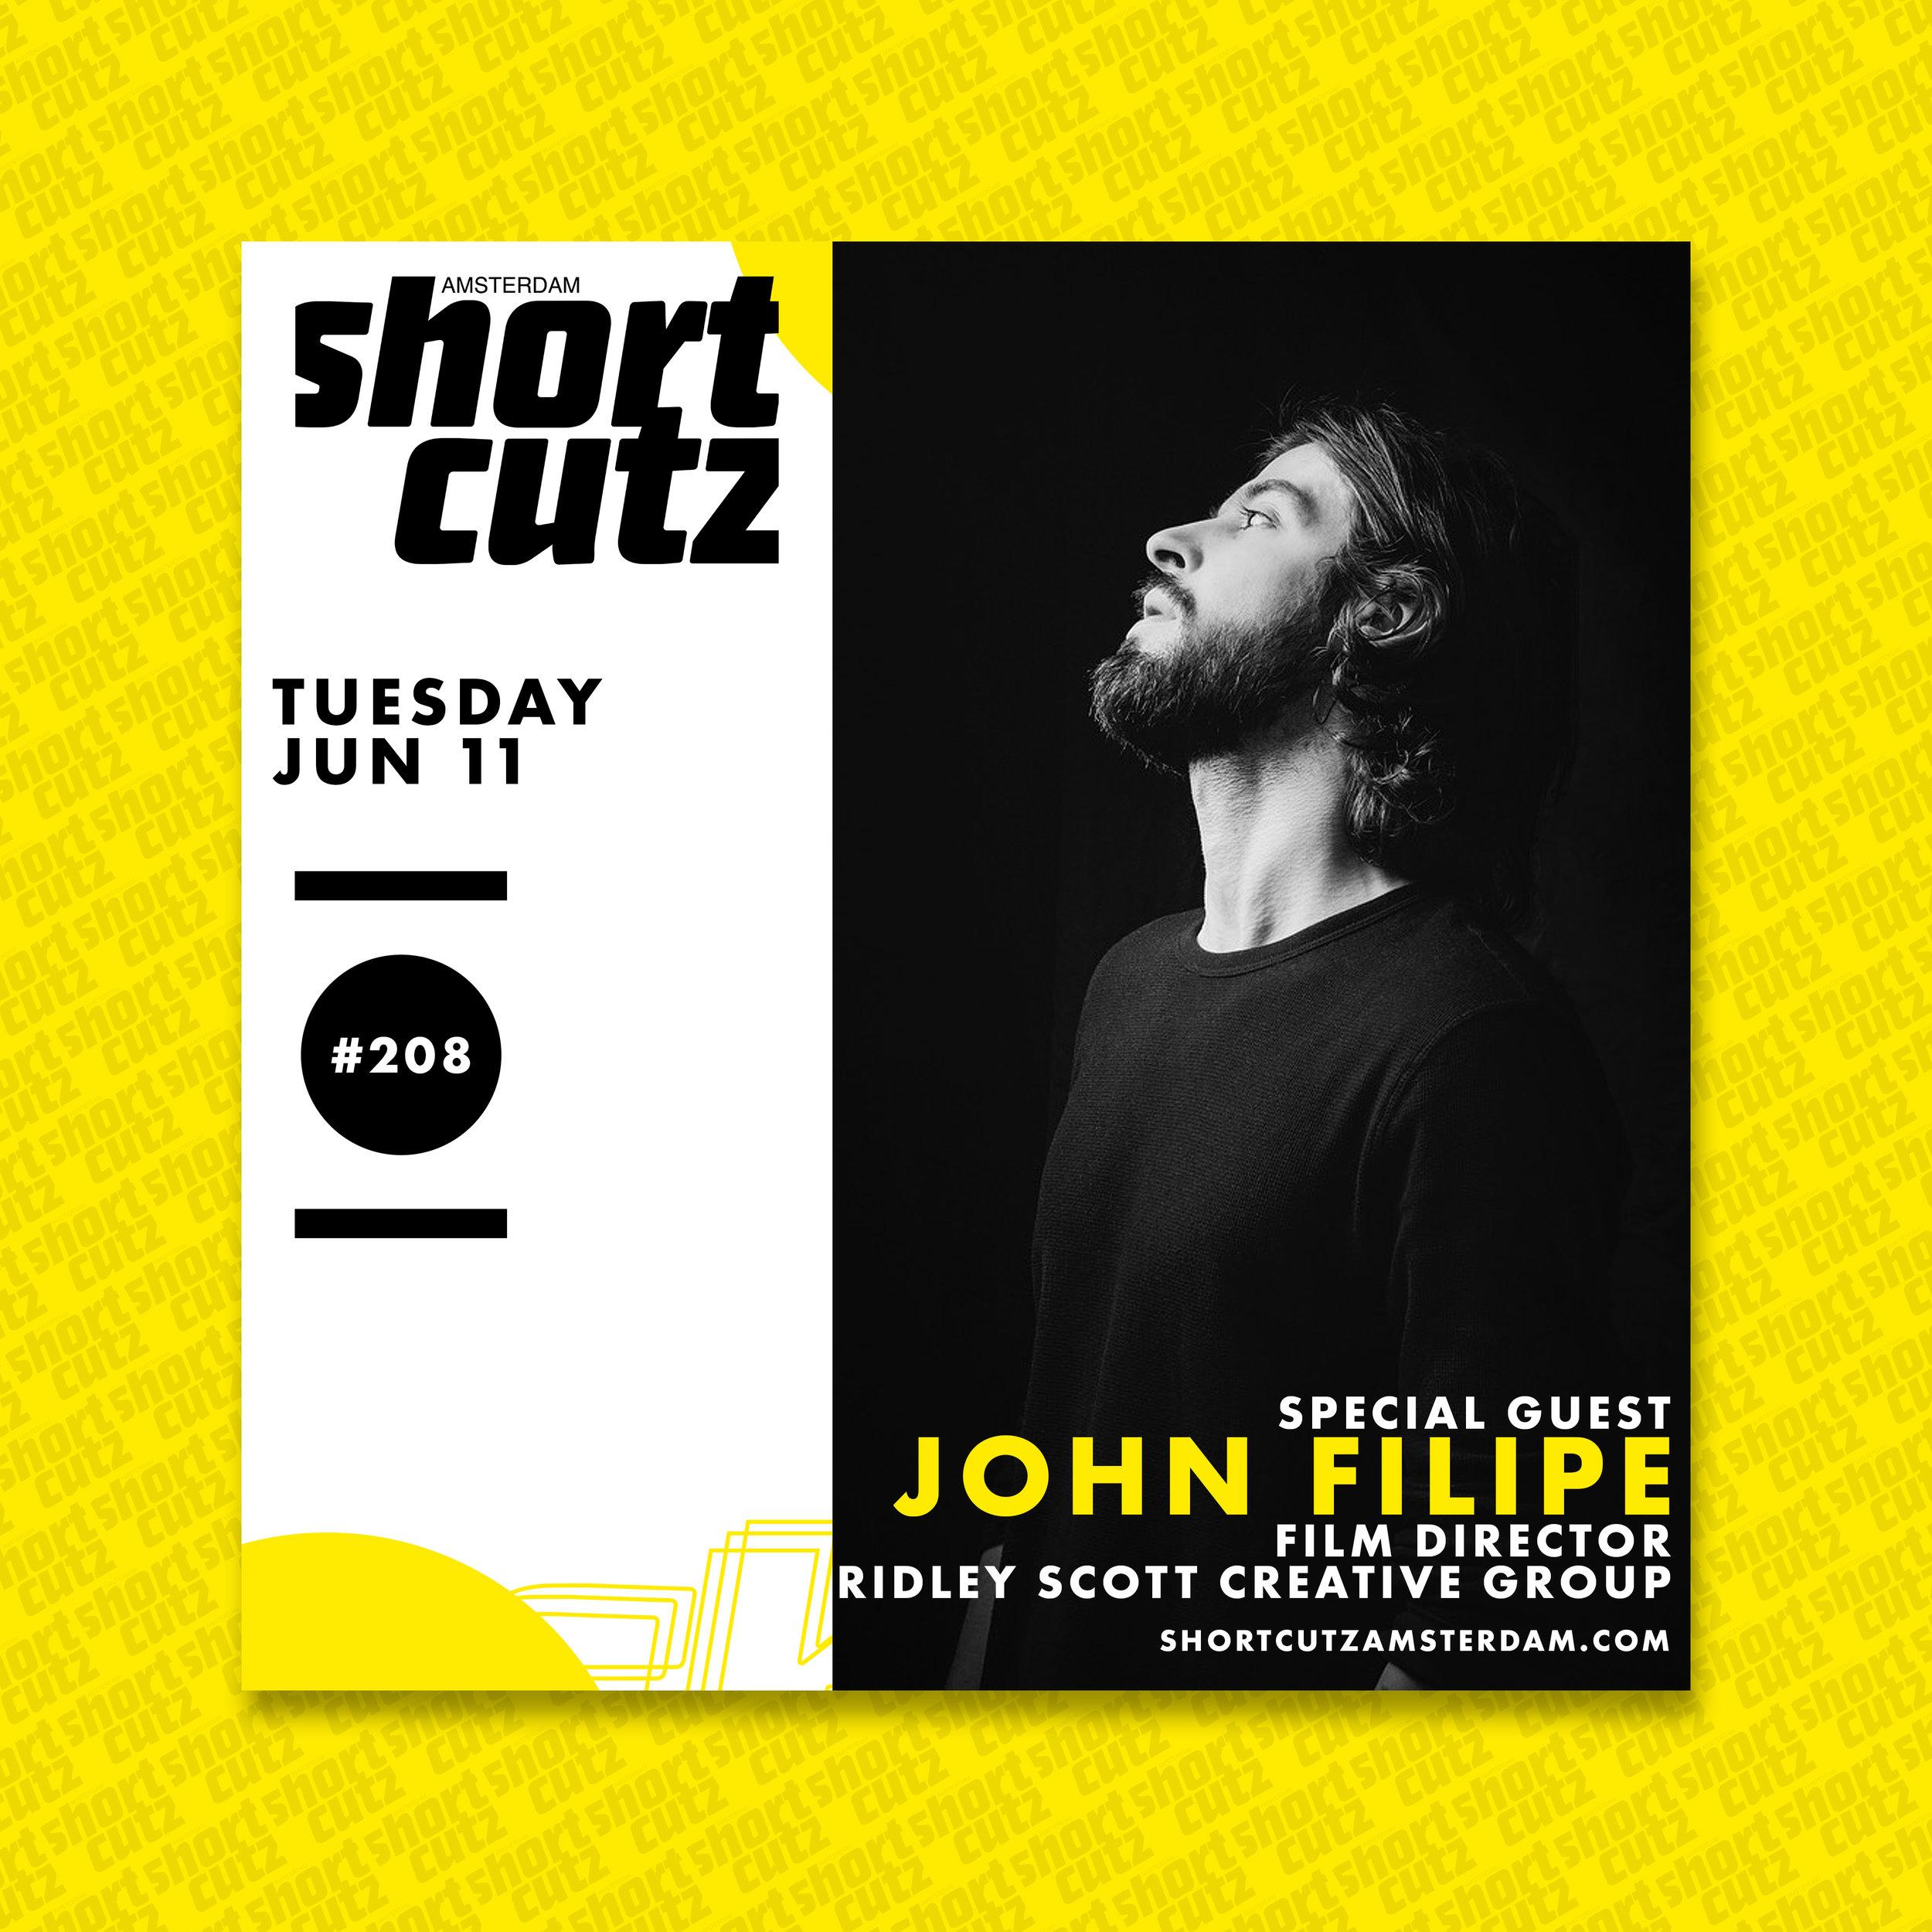 #208 Poster John Filipe (1).jpg